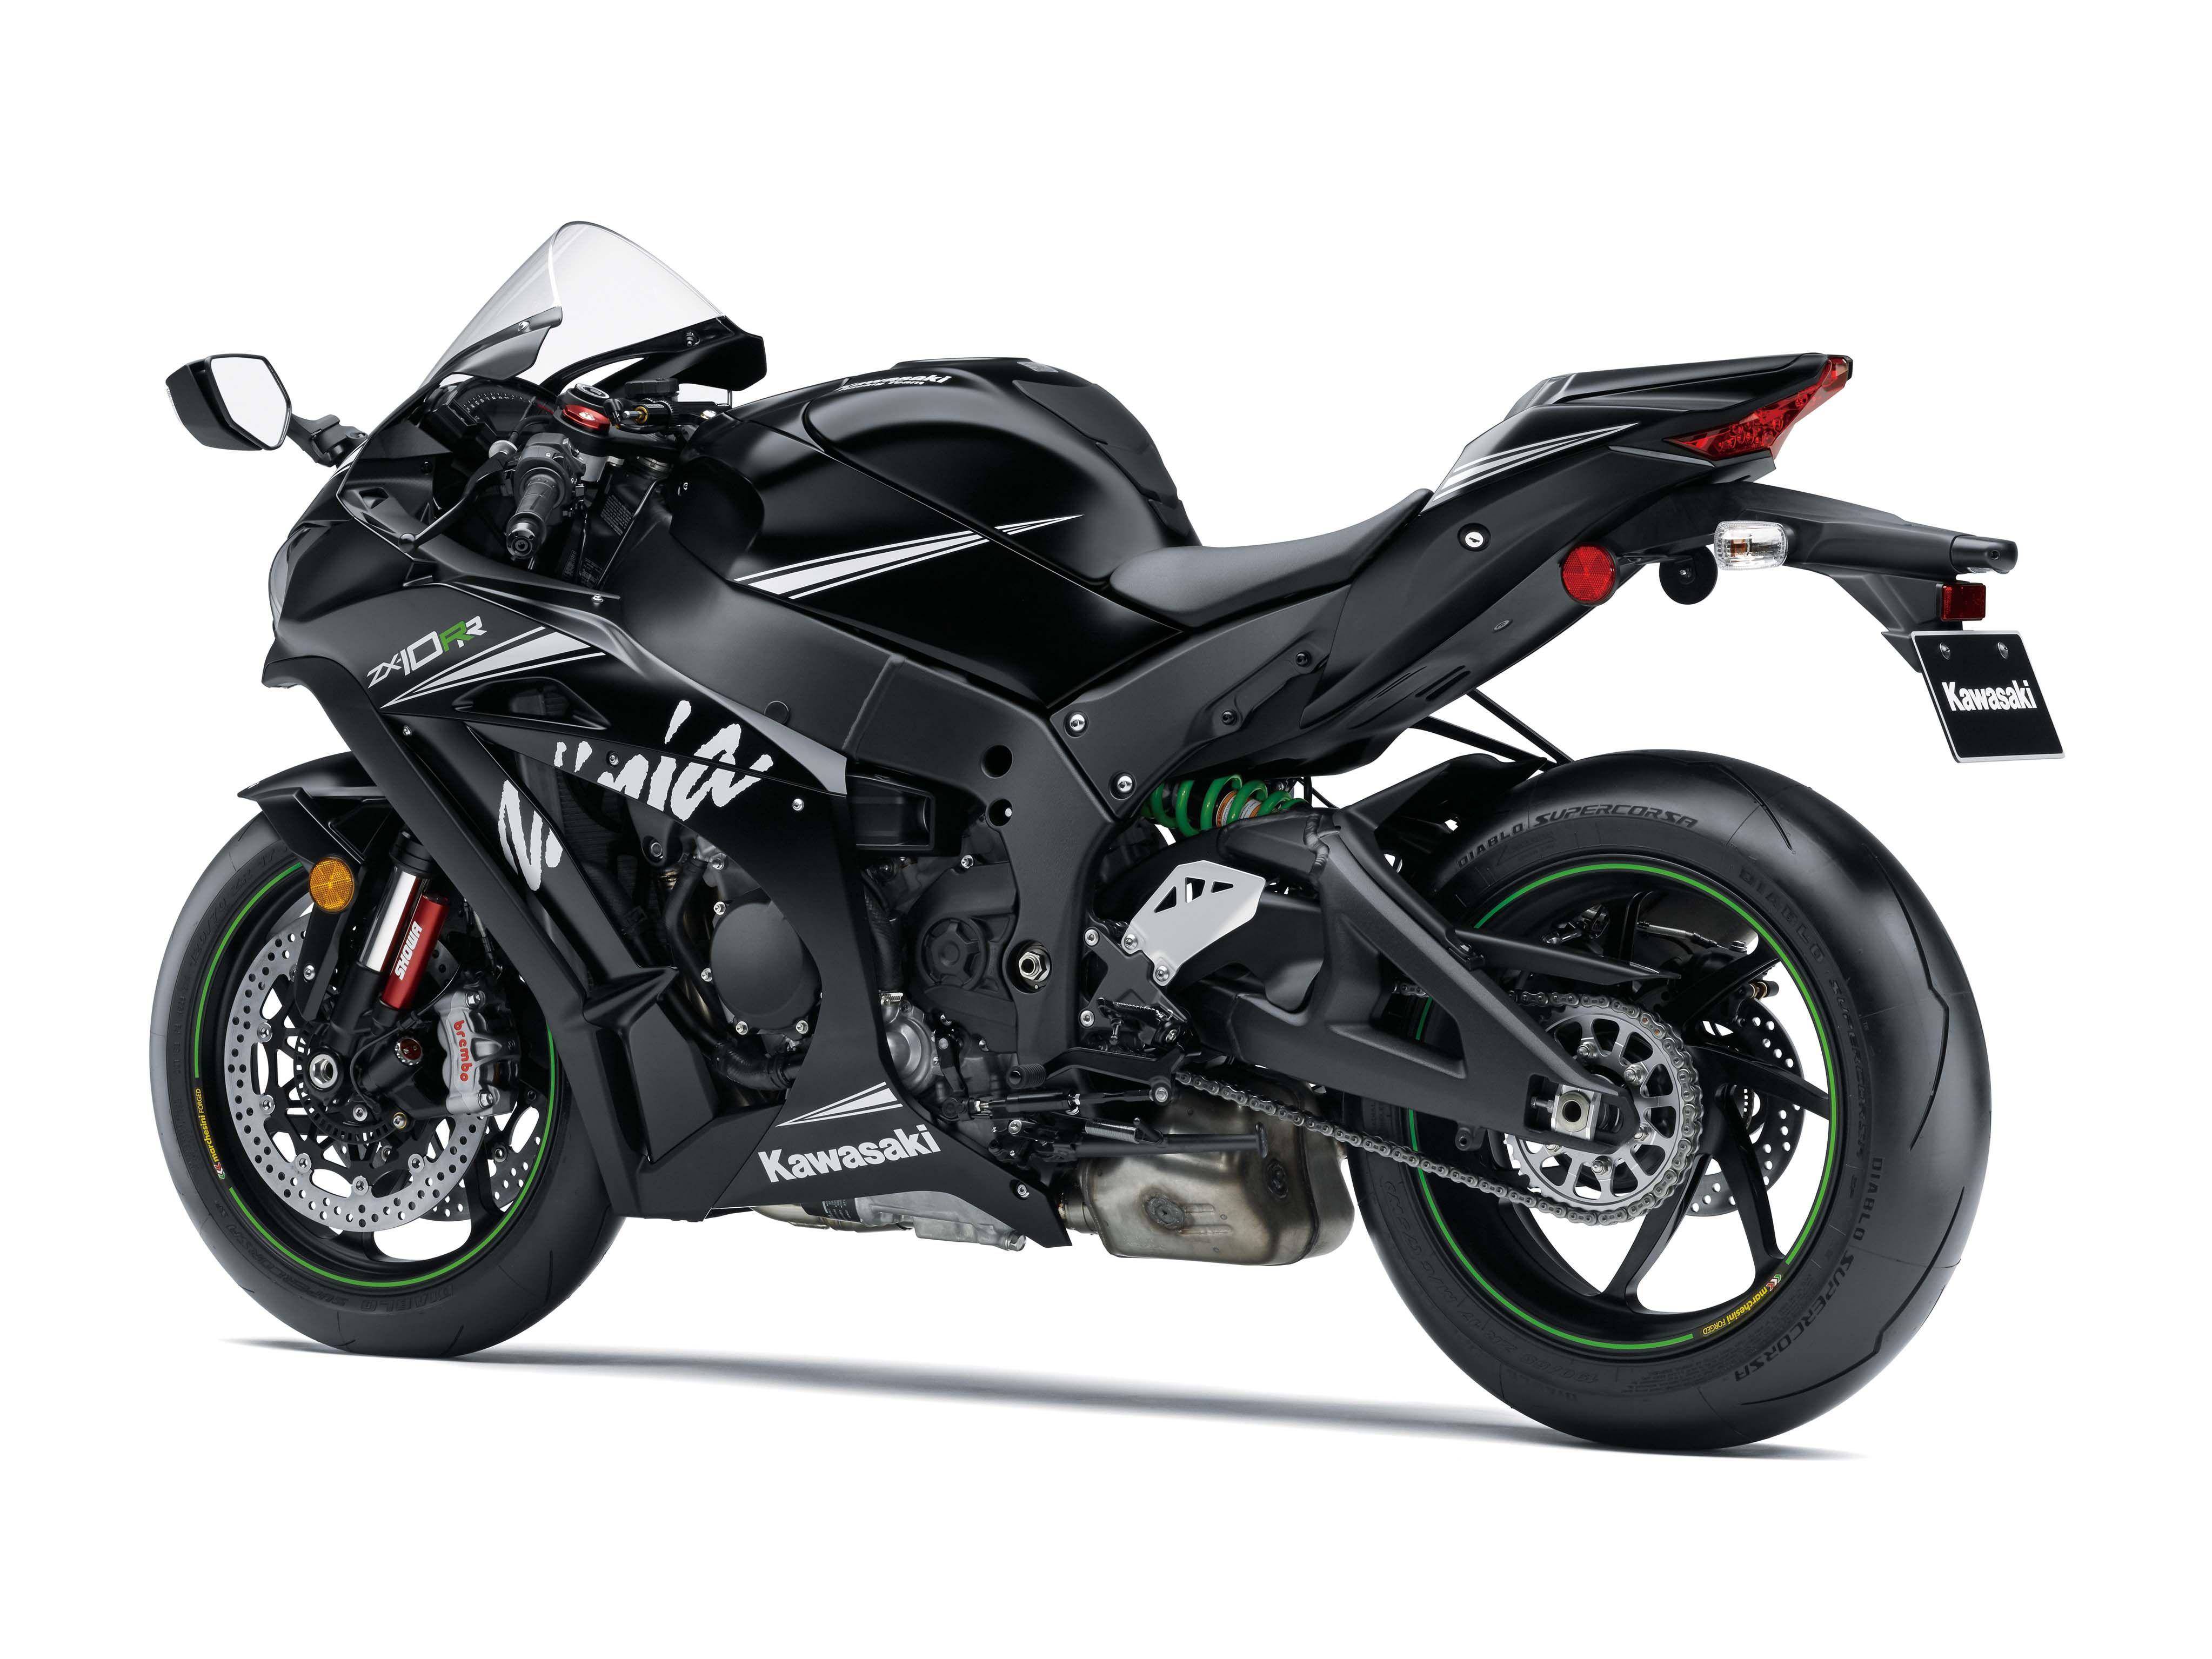 Kawasaki Ninja S идеи изображения мотоцикла